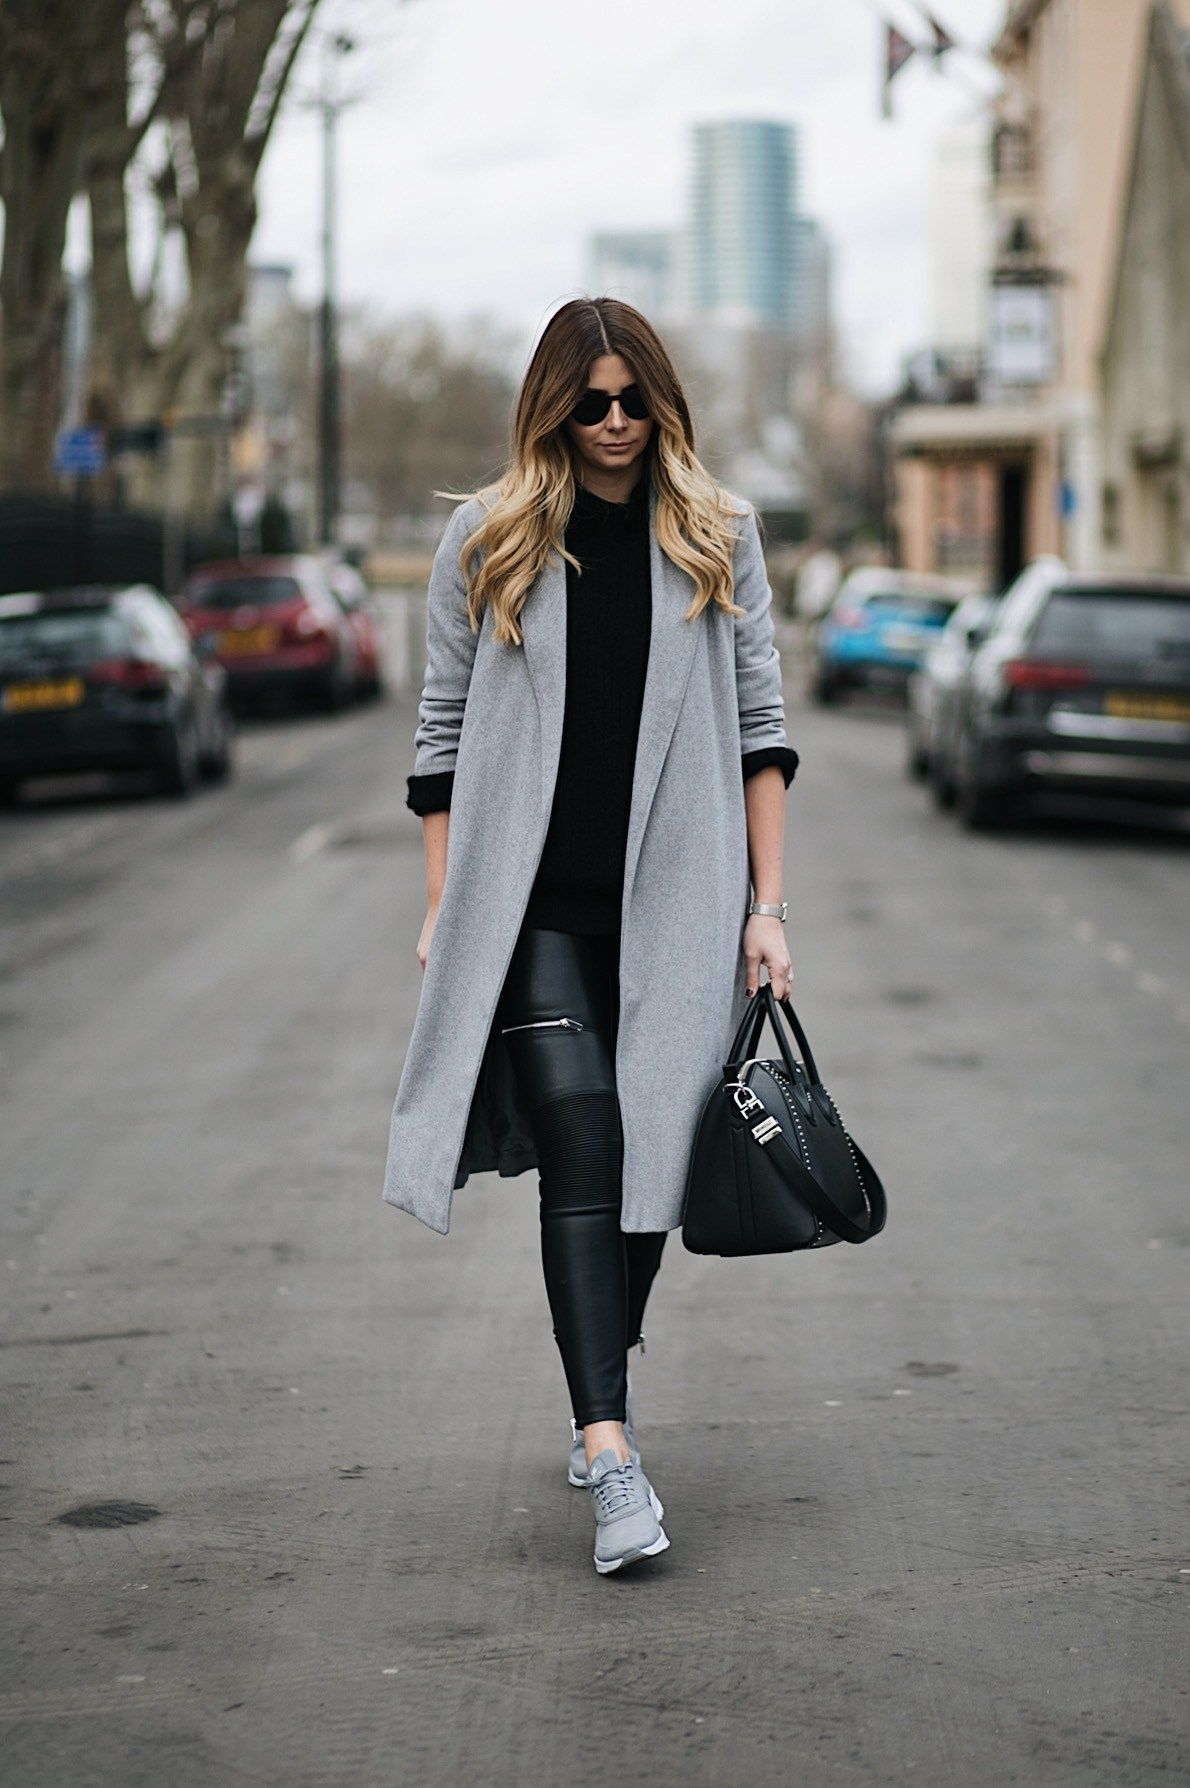 grey swing coat, leather look biker